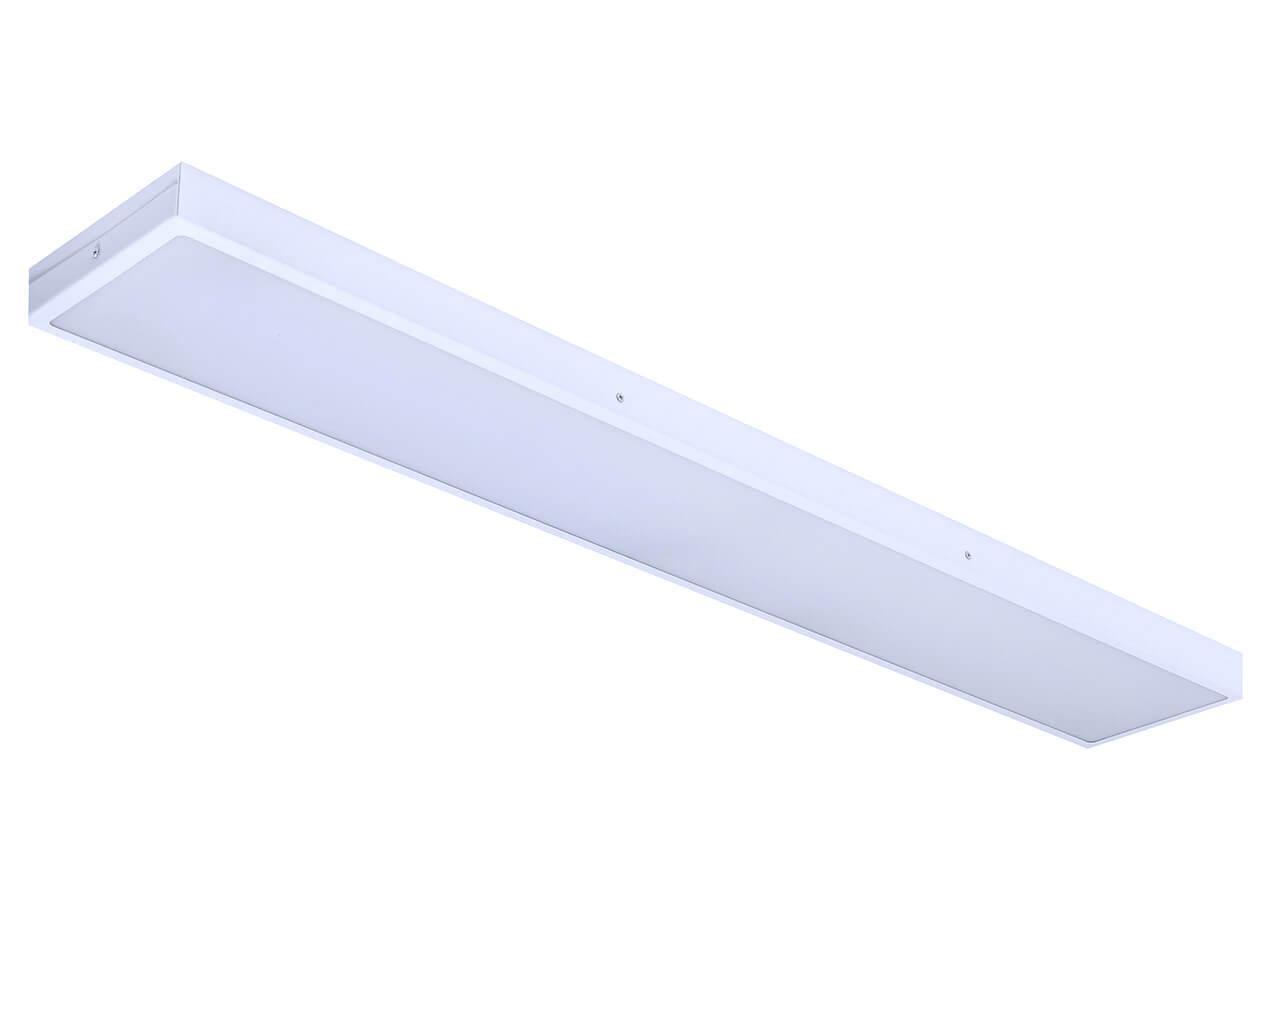 Накладной светильник LC-NS-SIP65-80-OP 1195*180 IP65 Теплый белый Опал